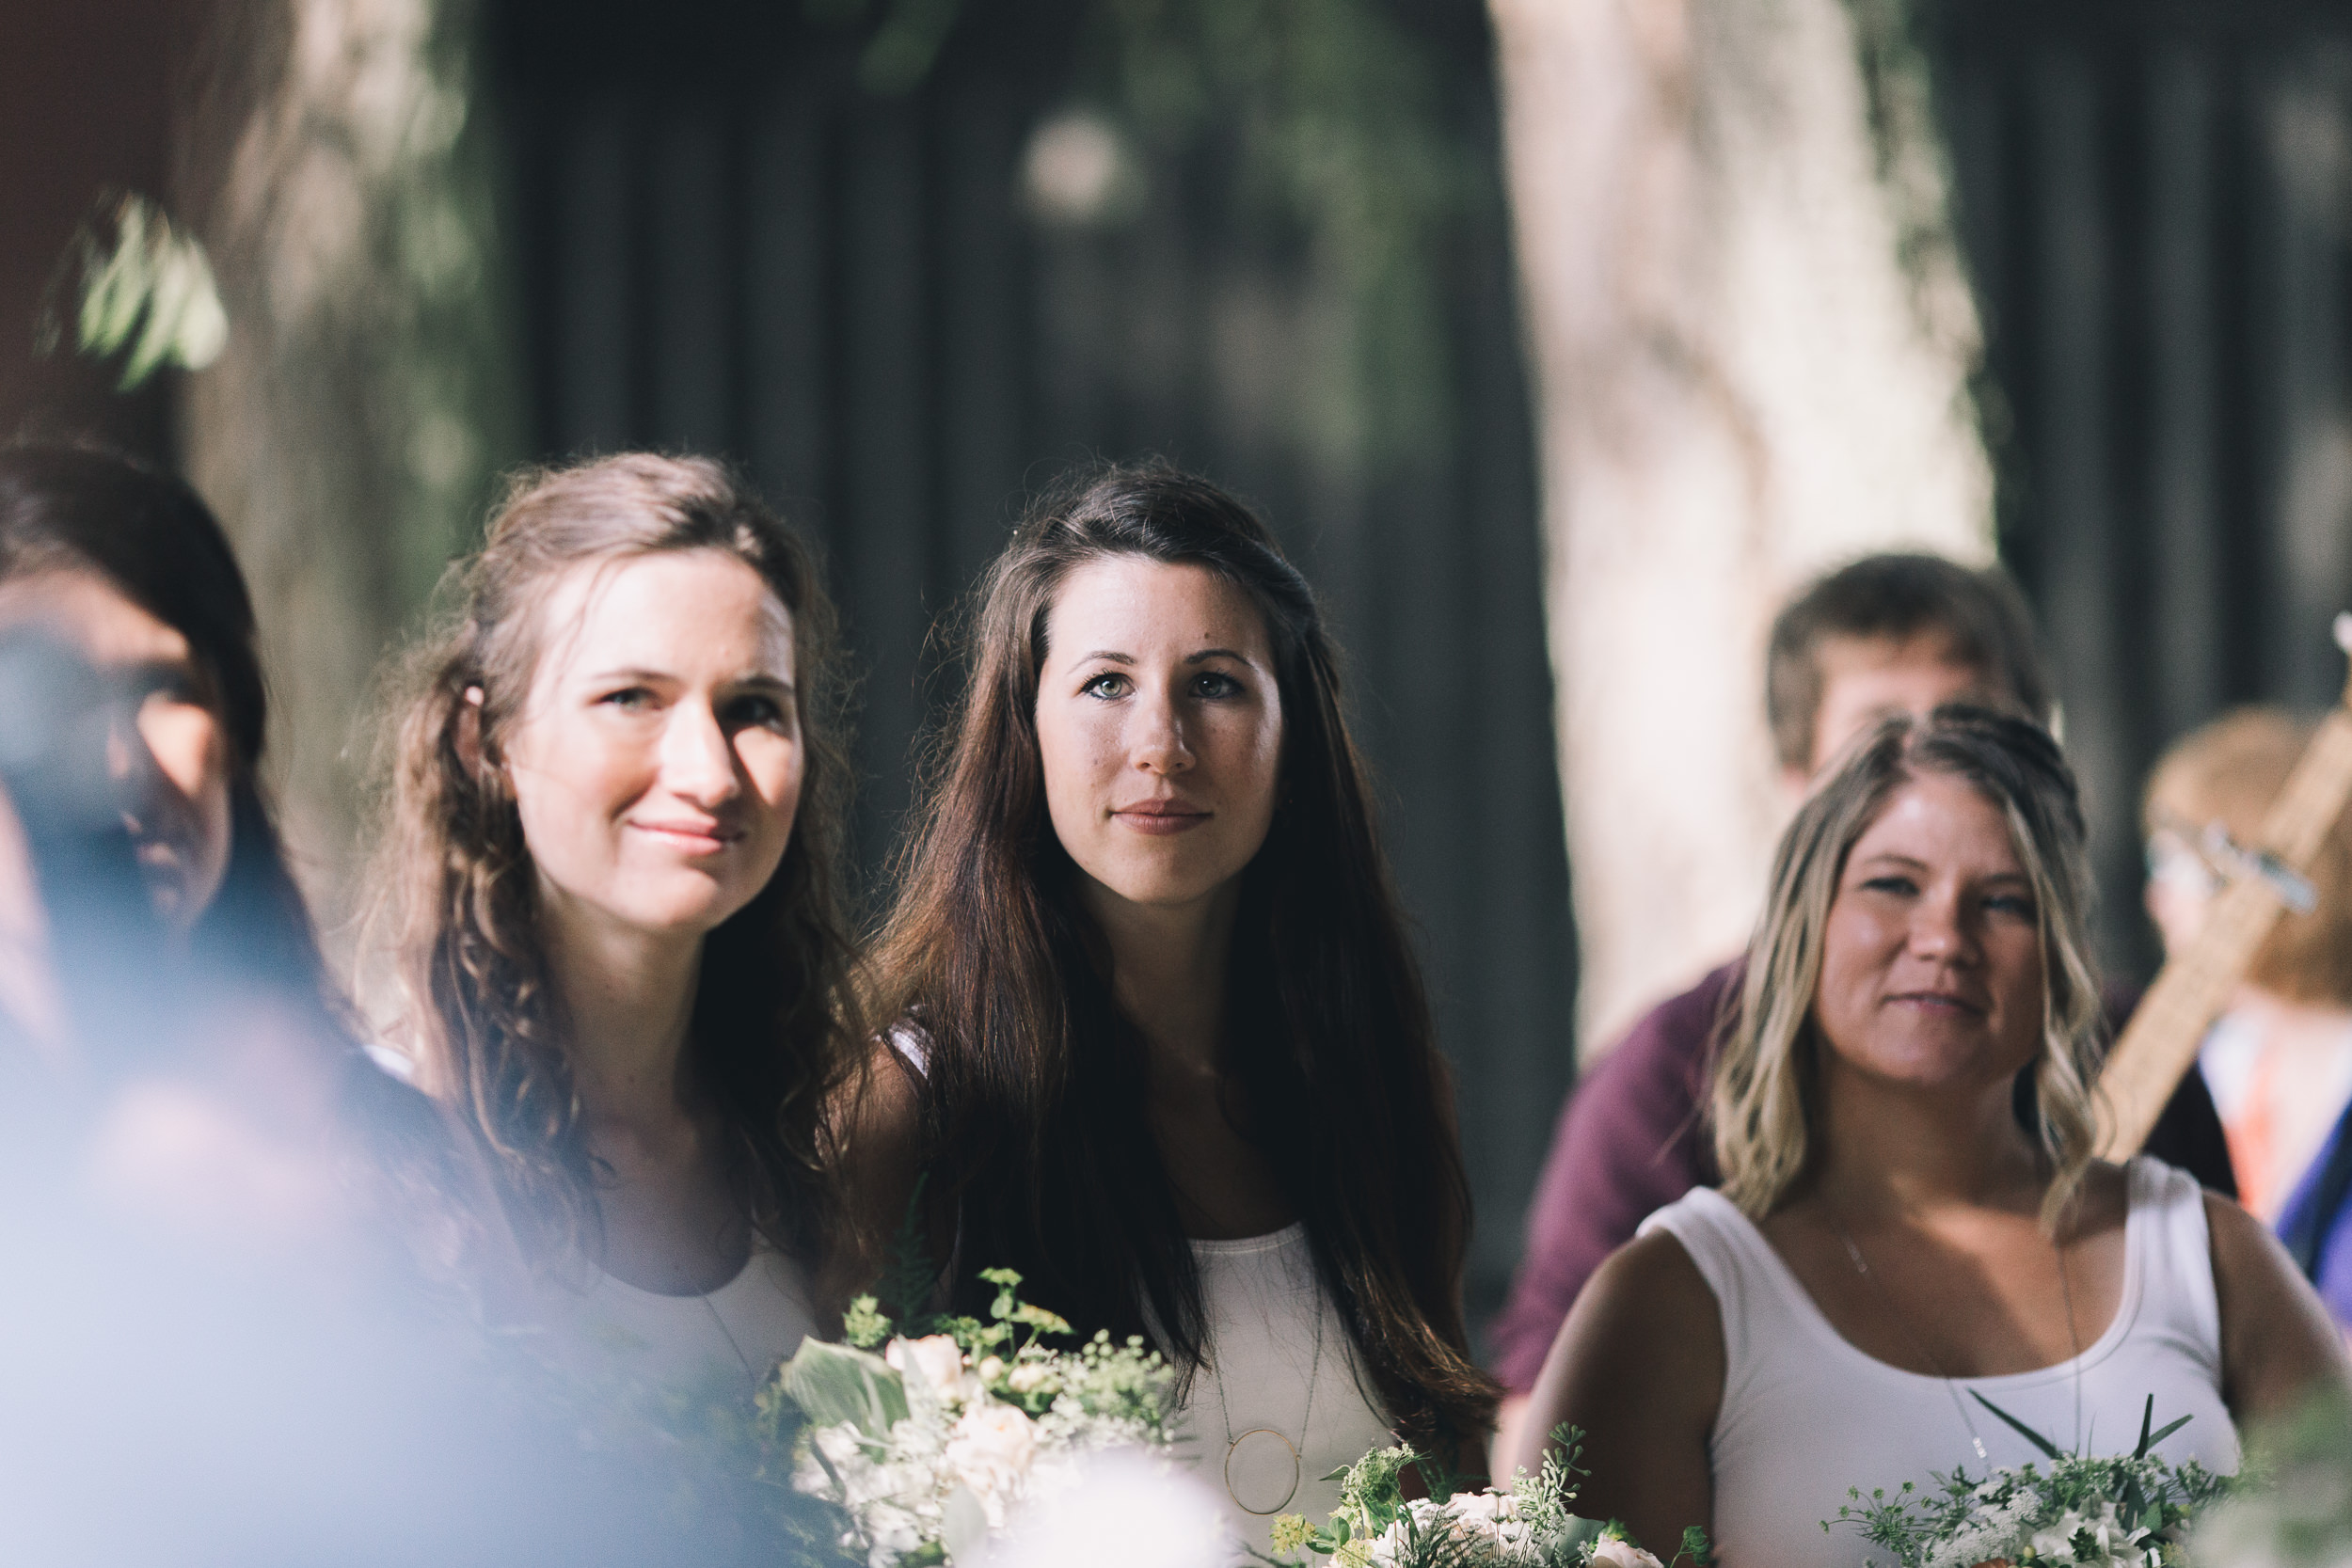 kitsap memorial state park  bridesmaids look at bride